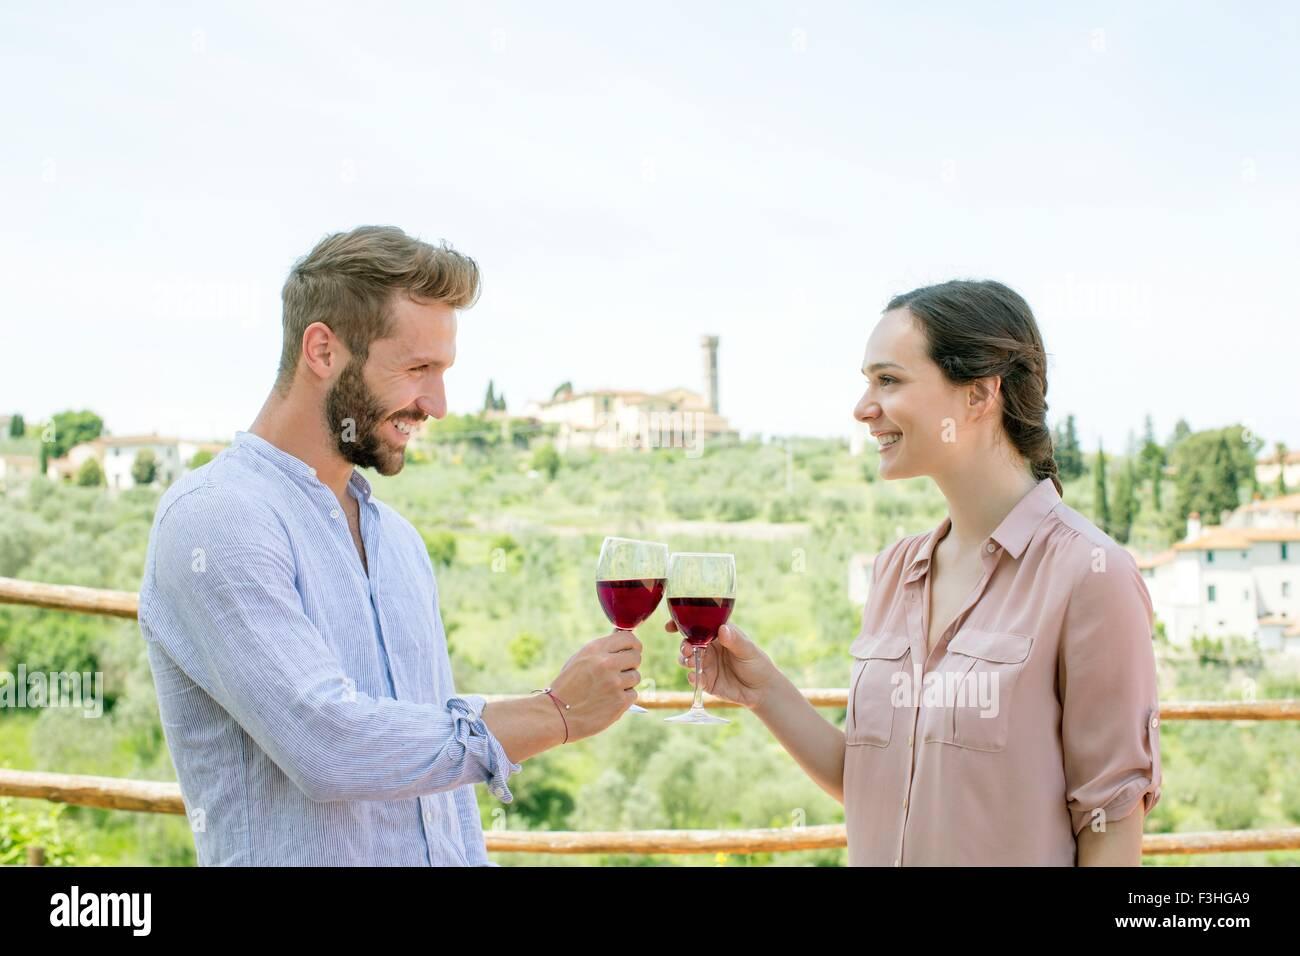 Taille bis Seitenansicht des junges Paar macht einen Toast lächelnd von Angesicht zu Angesicht Stockbild